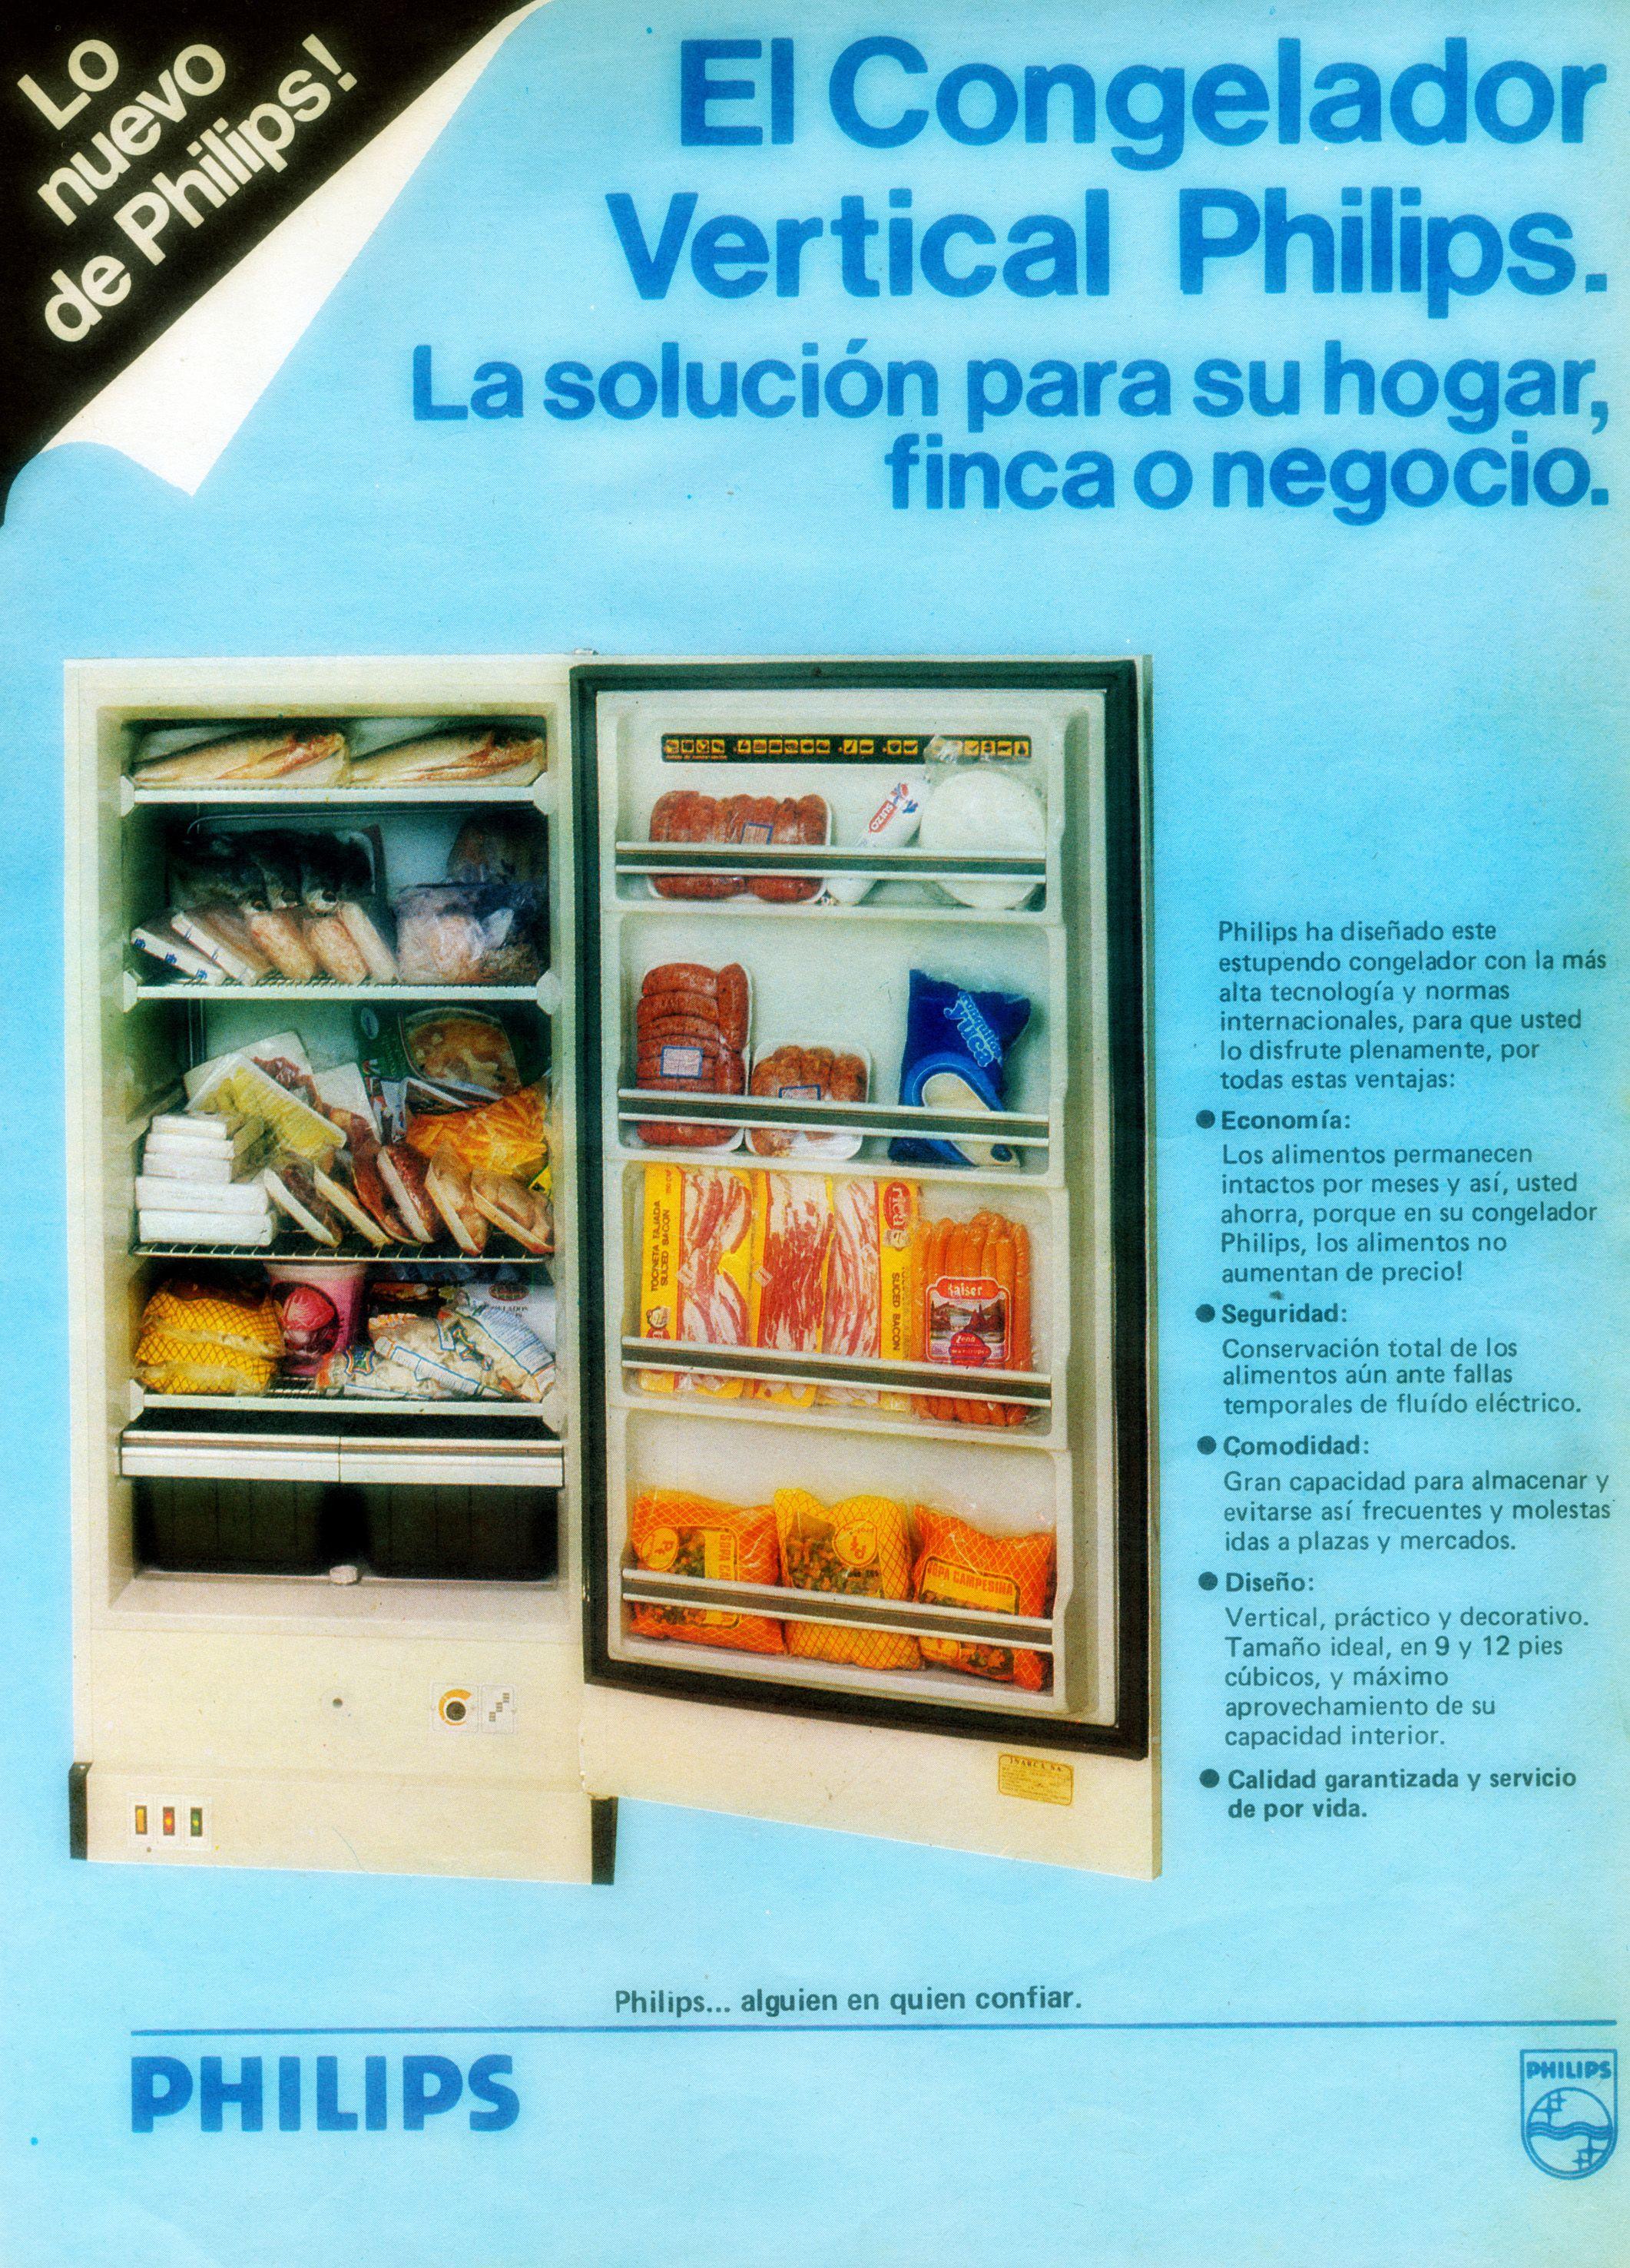 Congelador Philips 80s Anuncios Antiguos Anuncios